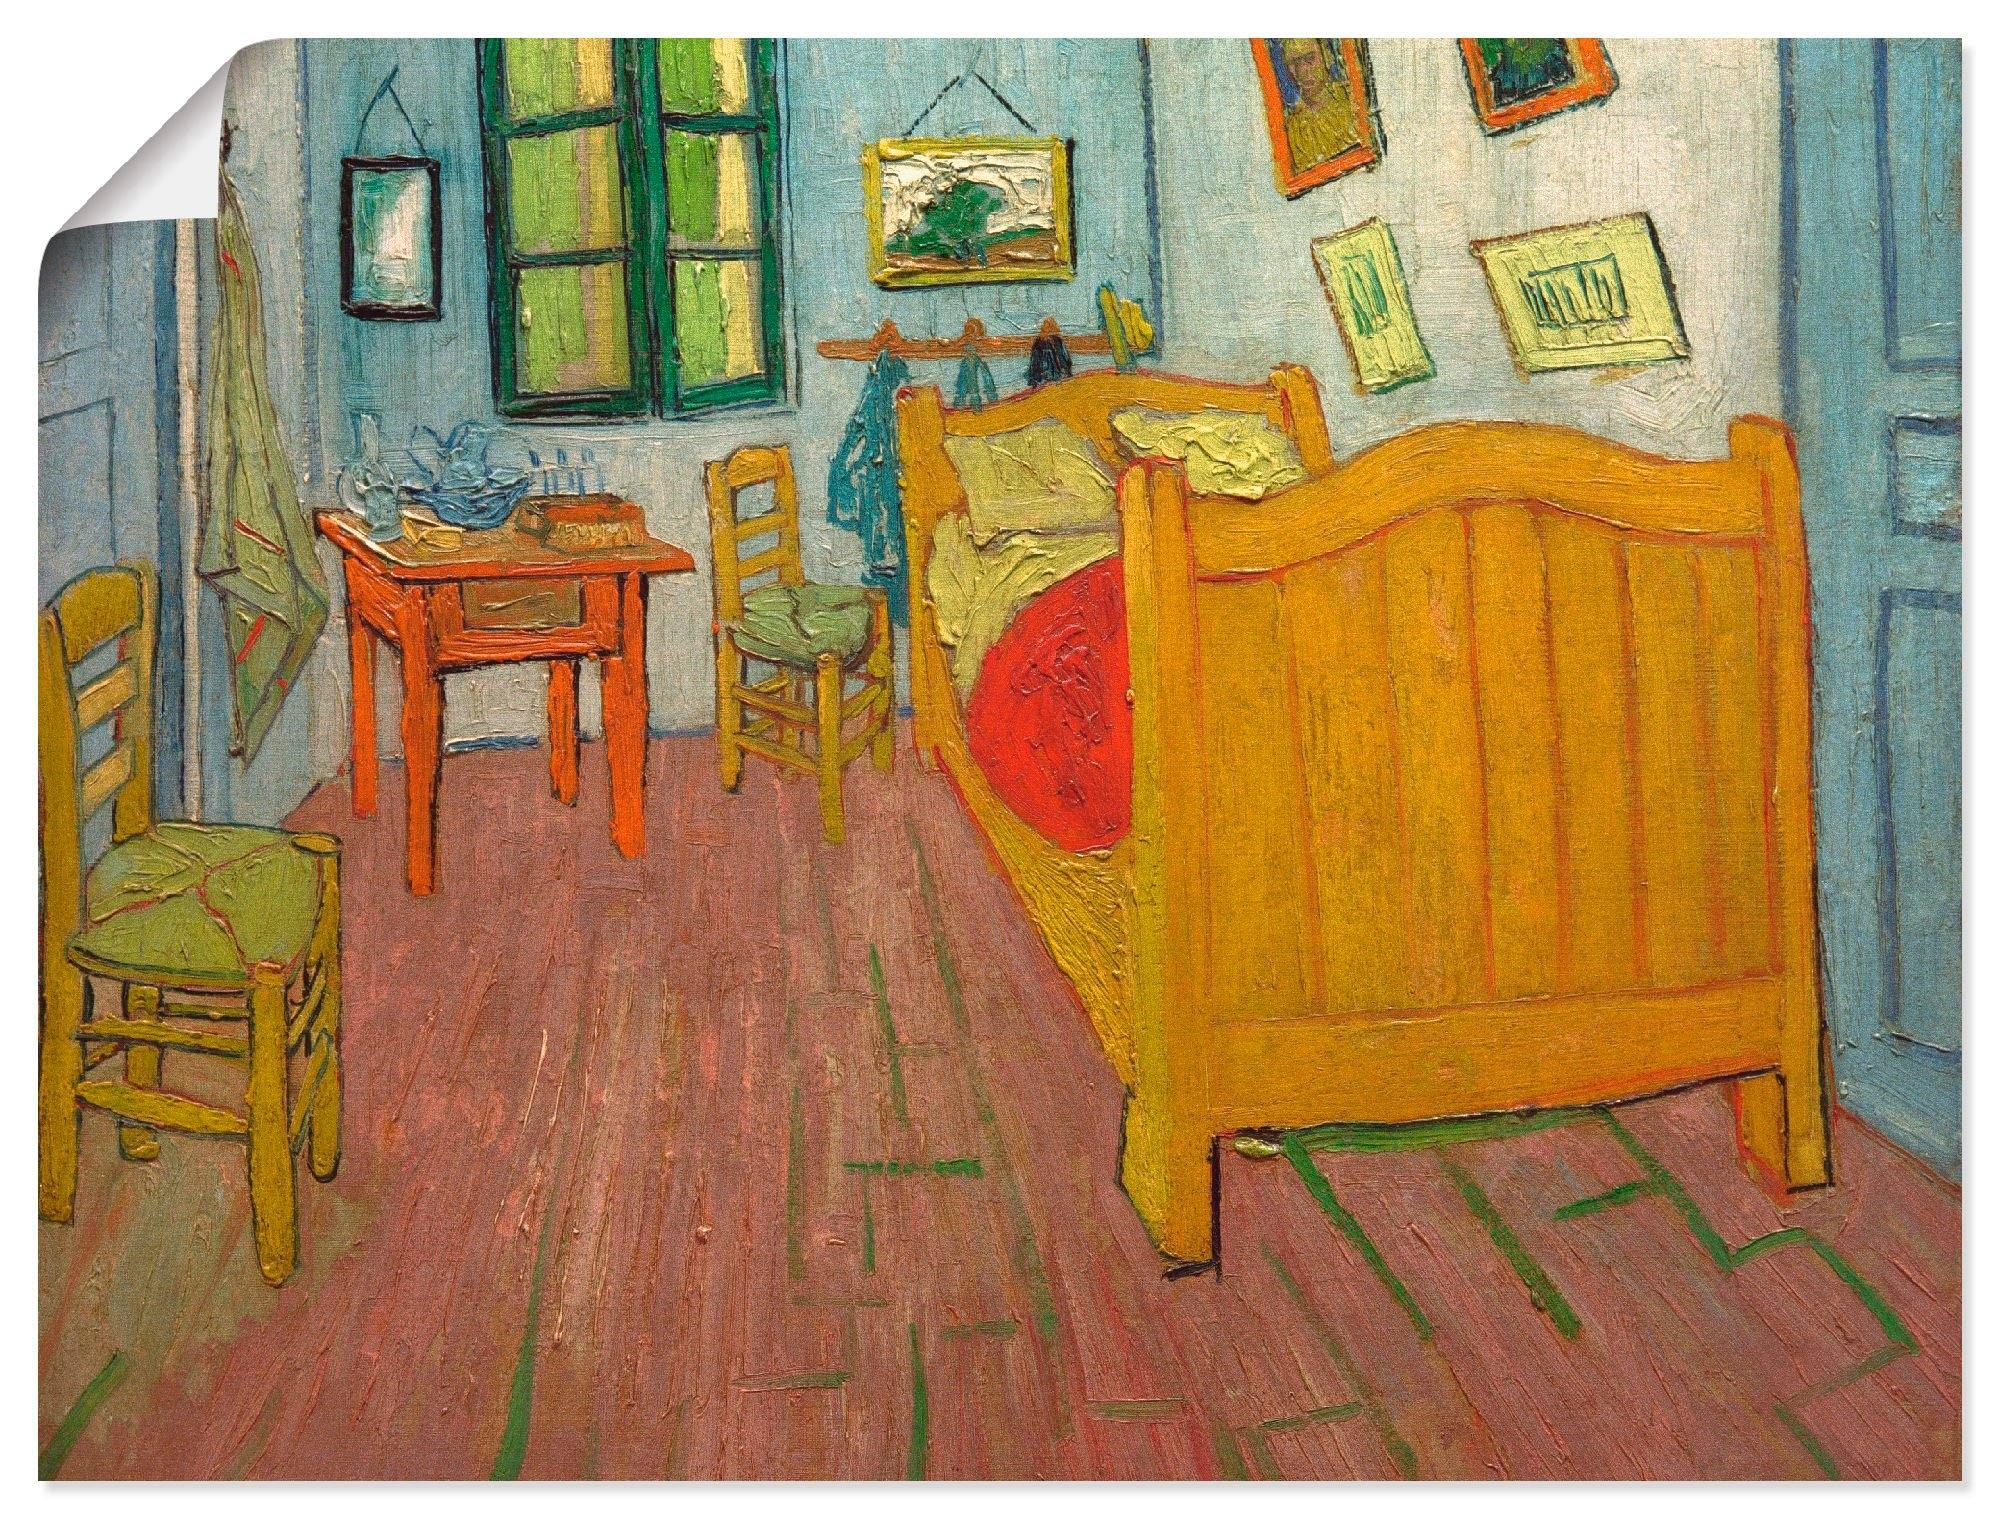 Artland Artprint De slaapkamer in vele afmetingen & productsoorten -artprint op linnen, poster, muursticker / wandfolie ook geschikt voor de badkamer (1 stuk) nu online bestellen